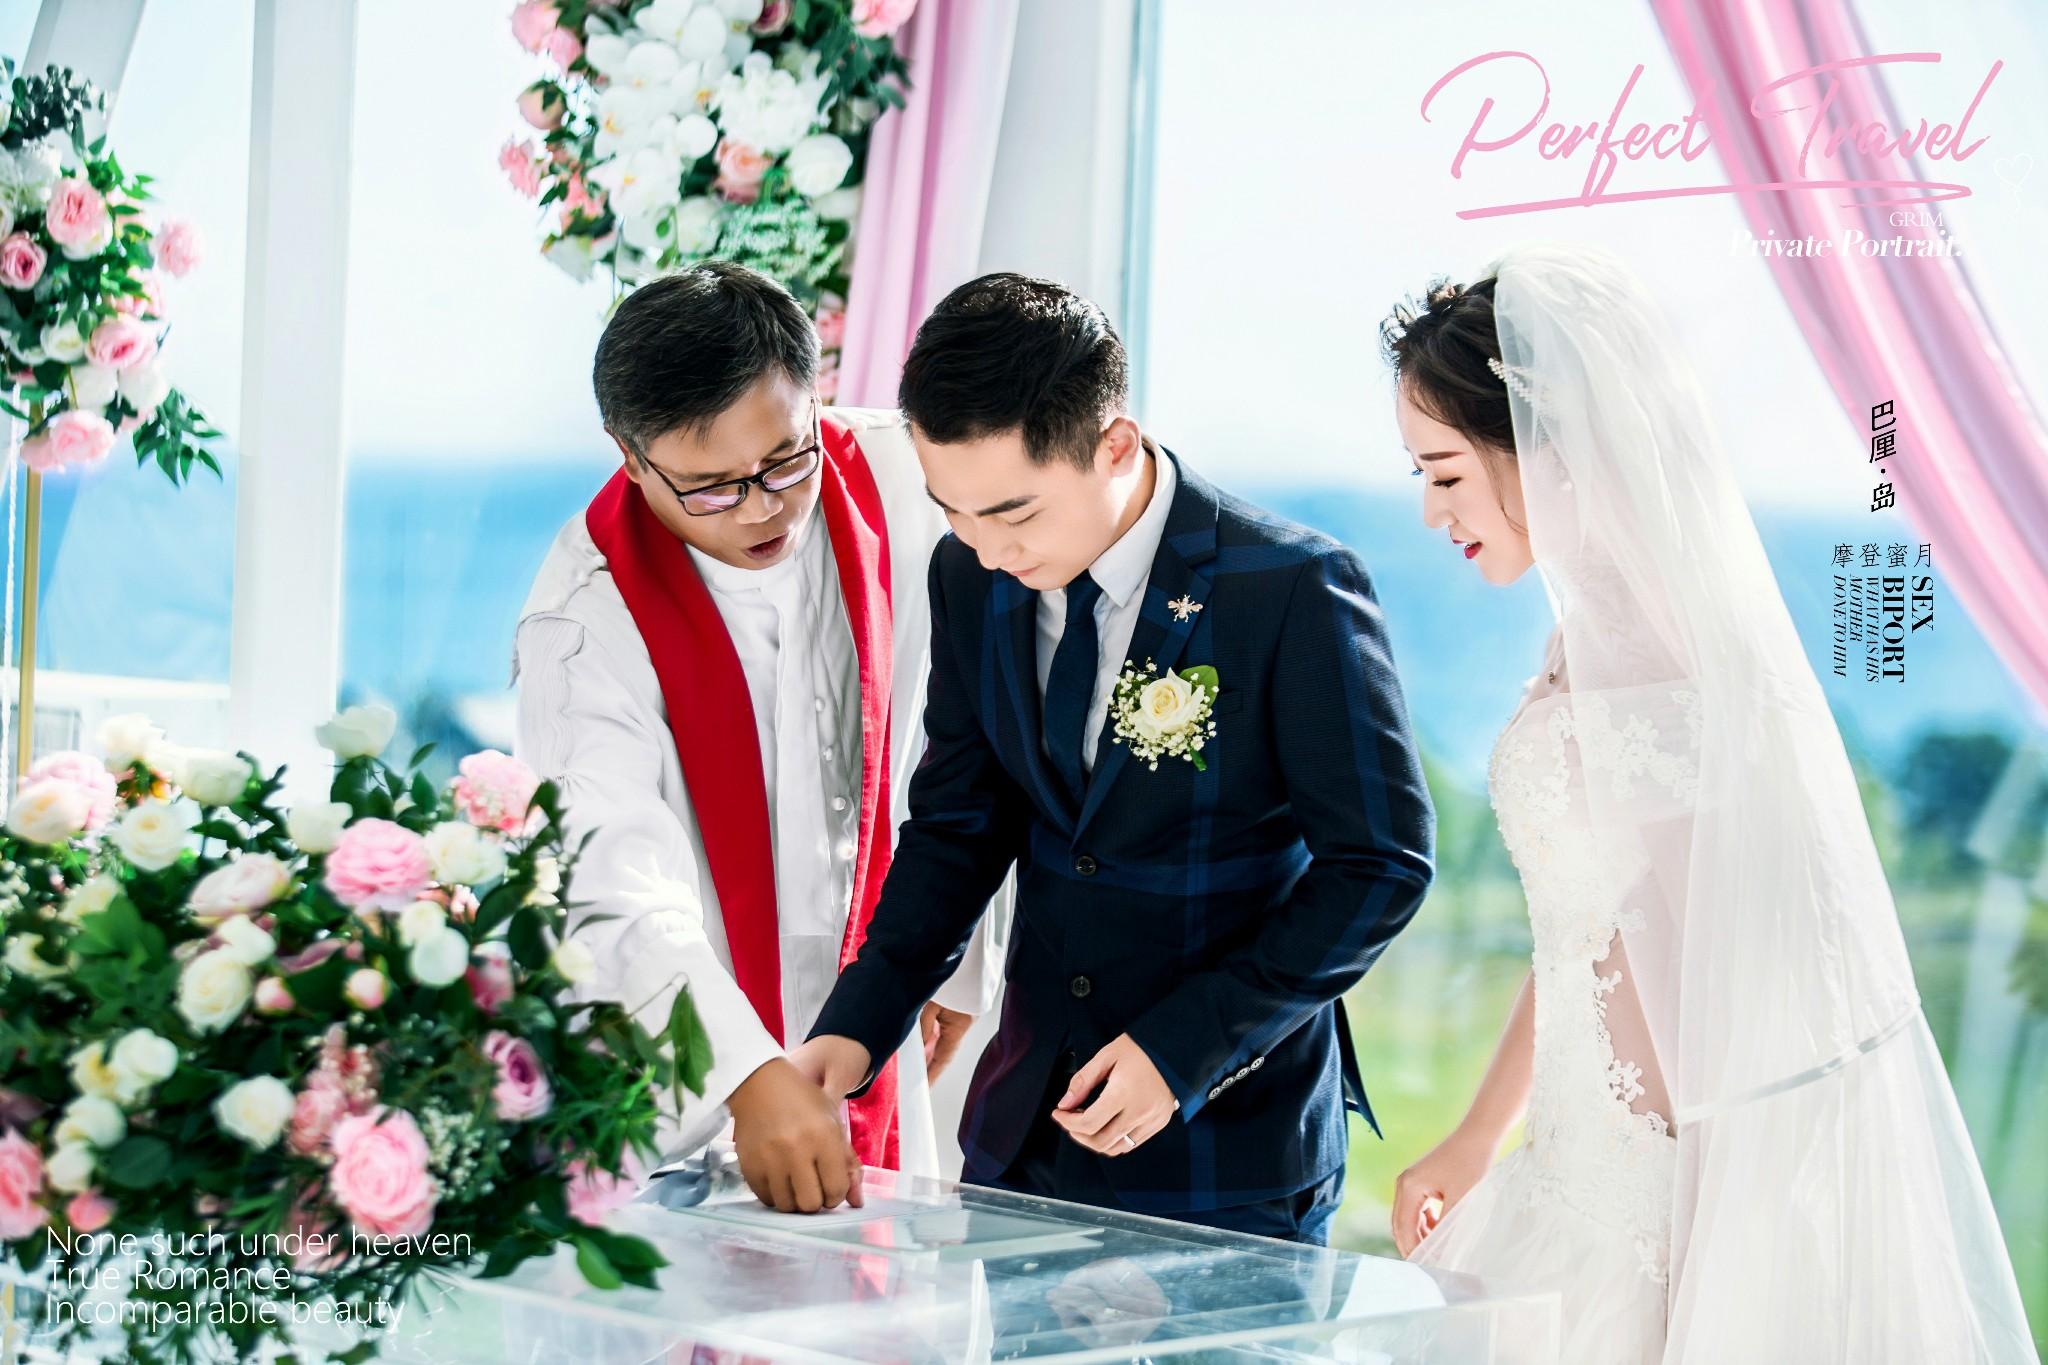 巴厘岛——天空教堂海外婚礼游记